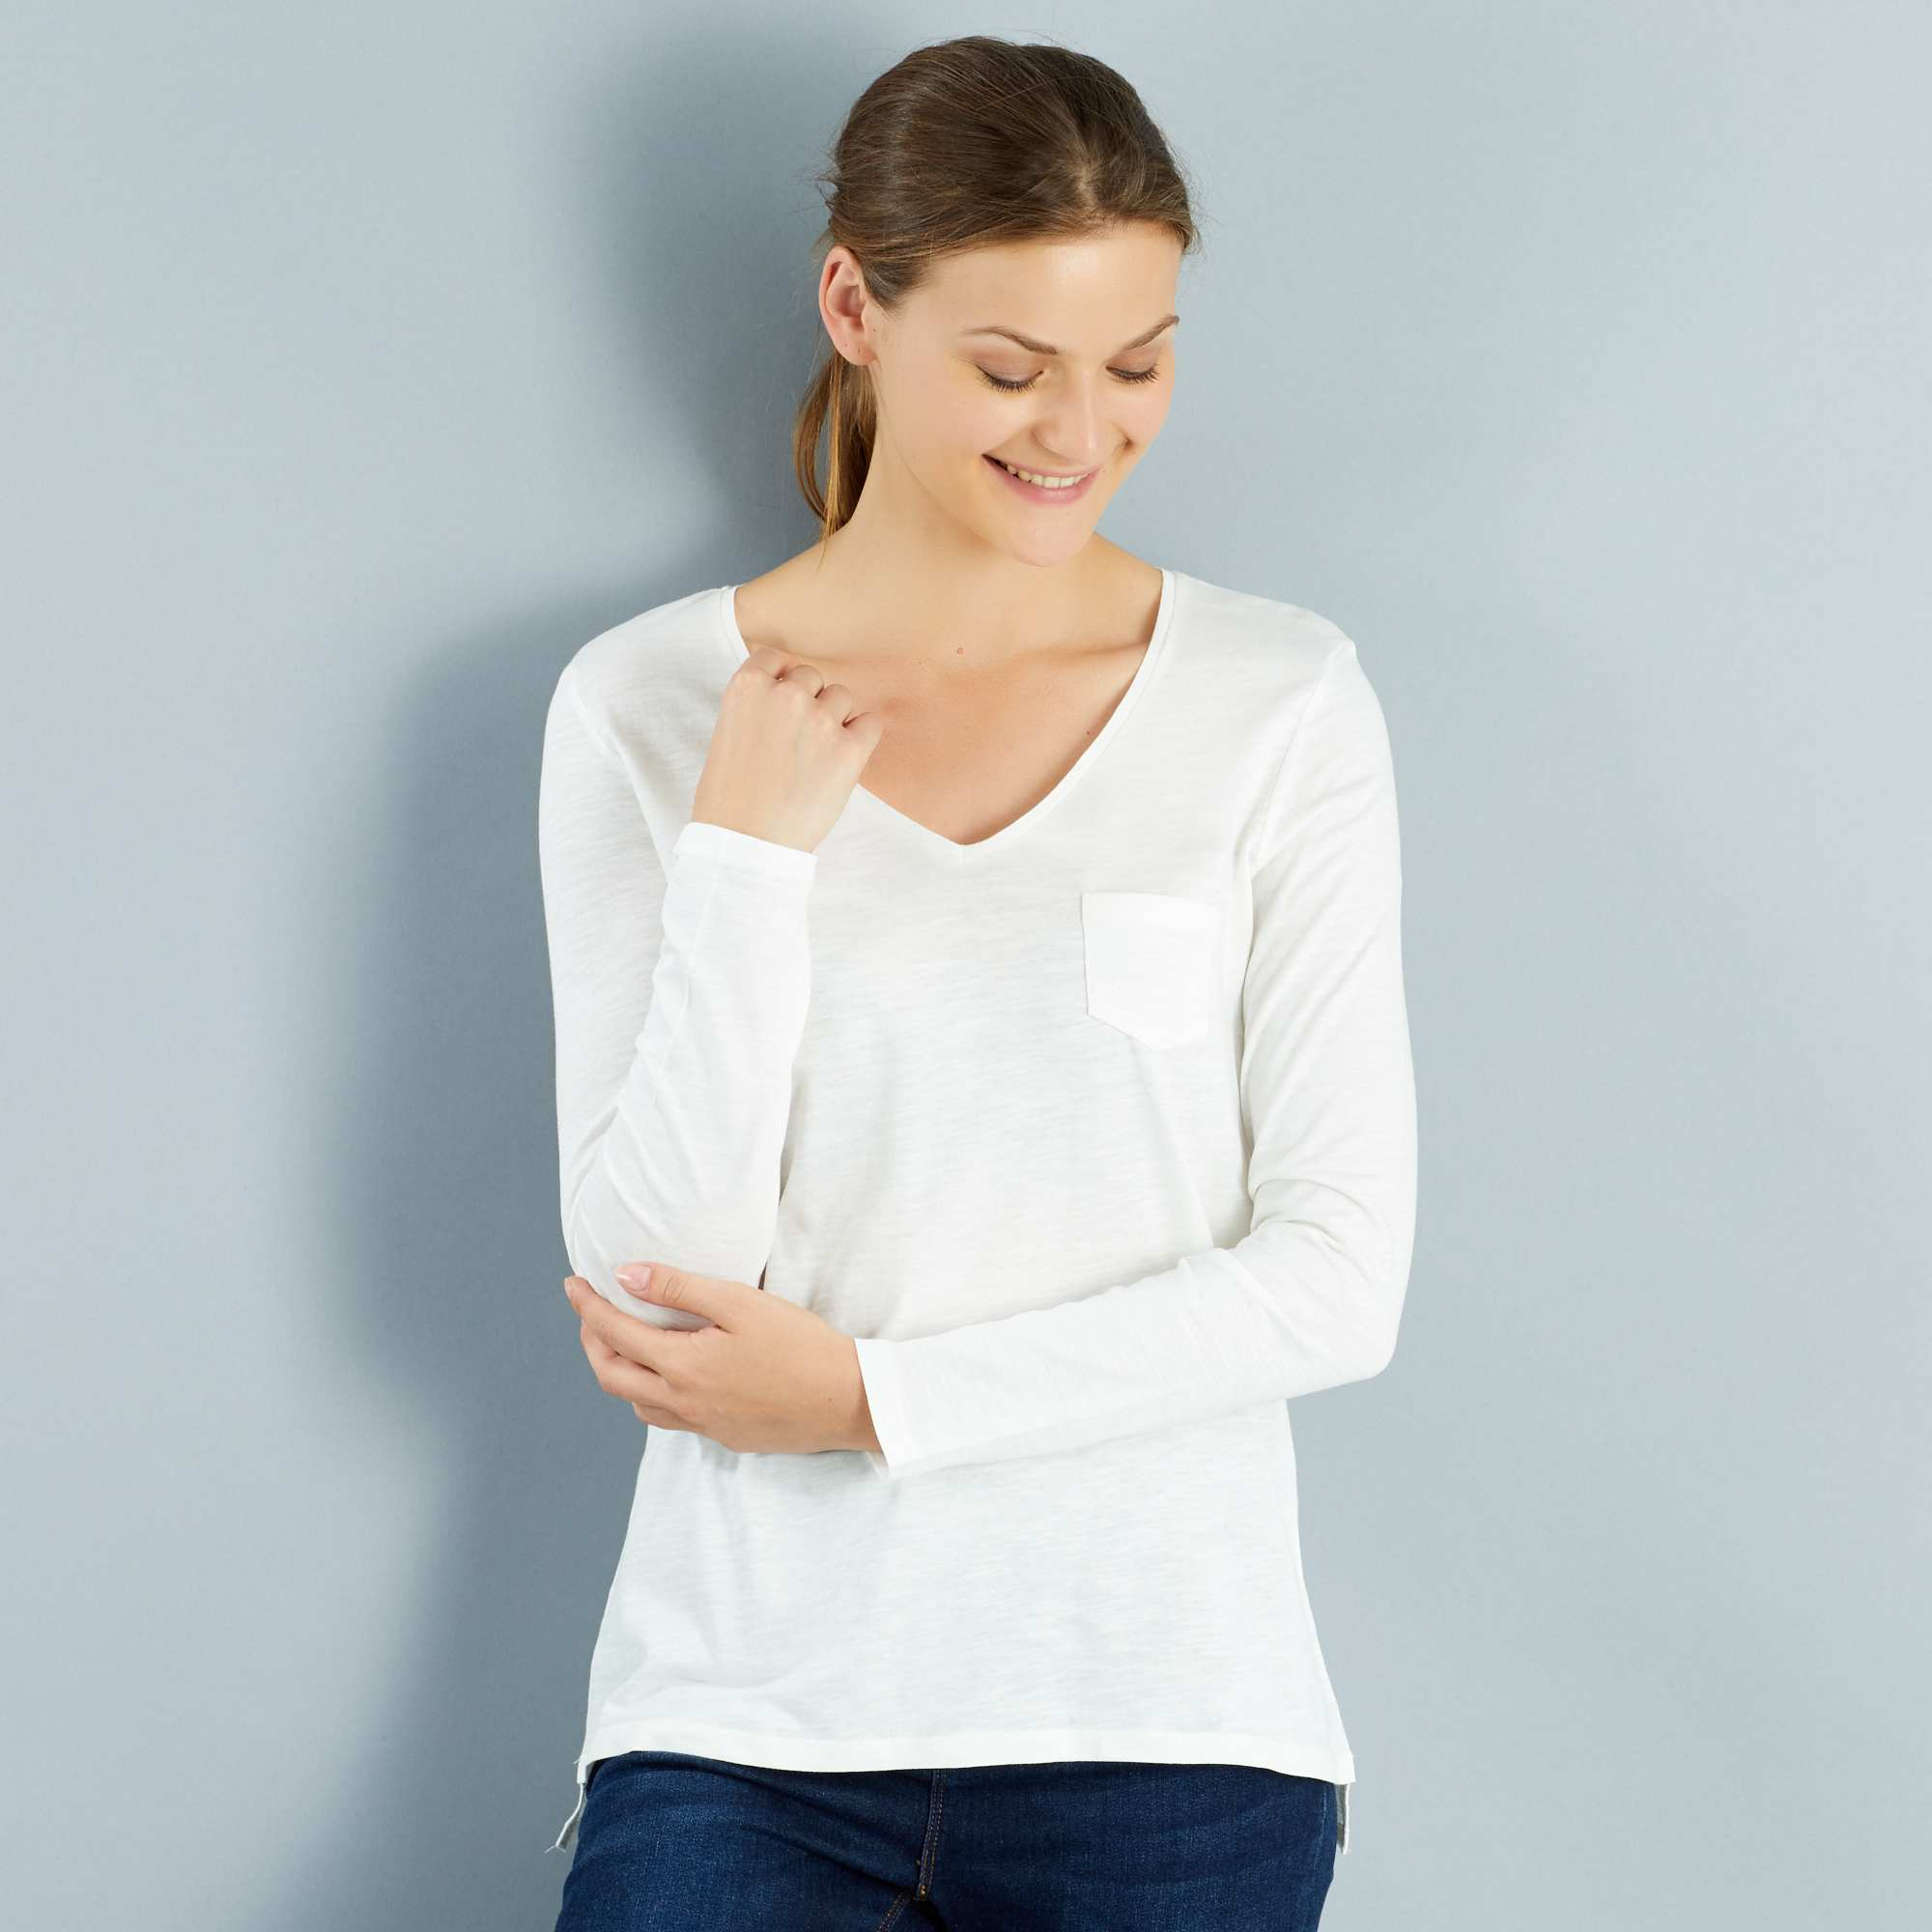 Couleur : noir, marine, écru,gris chiné, - Taille : XL, M, L,S,Un t-shirt manches longues basique à adopter en plusieurs couleurs ! - Tee-shirt en